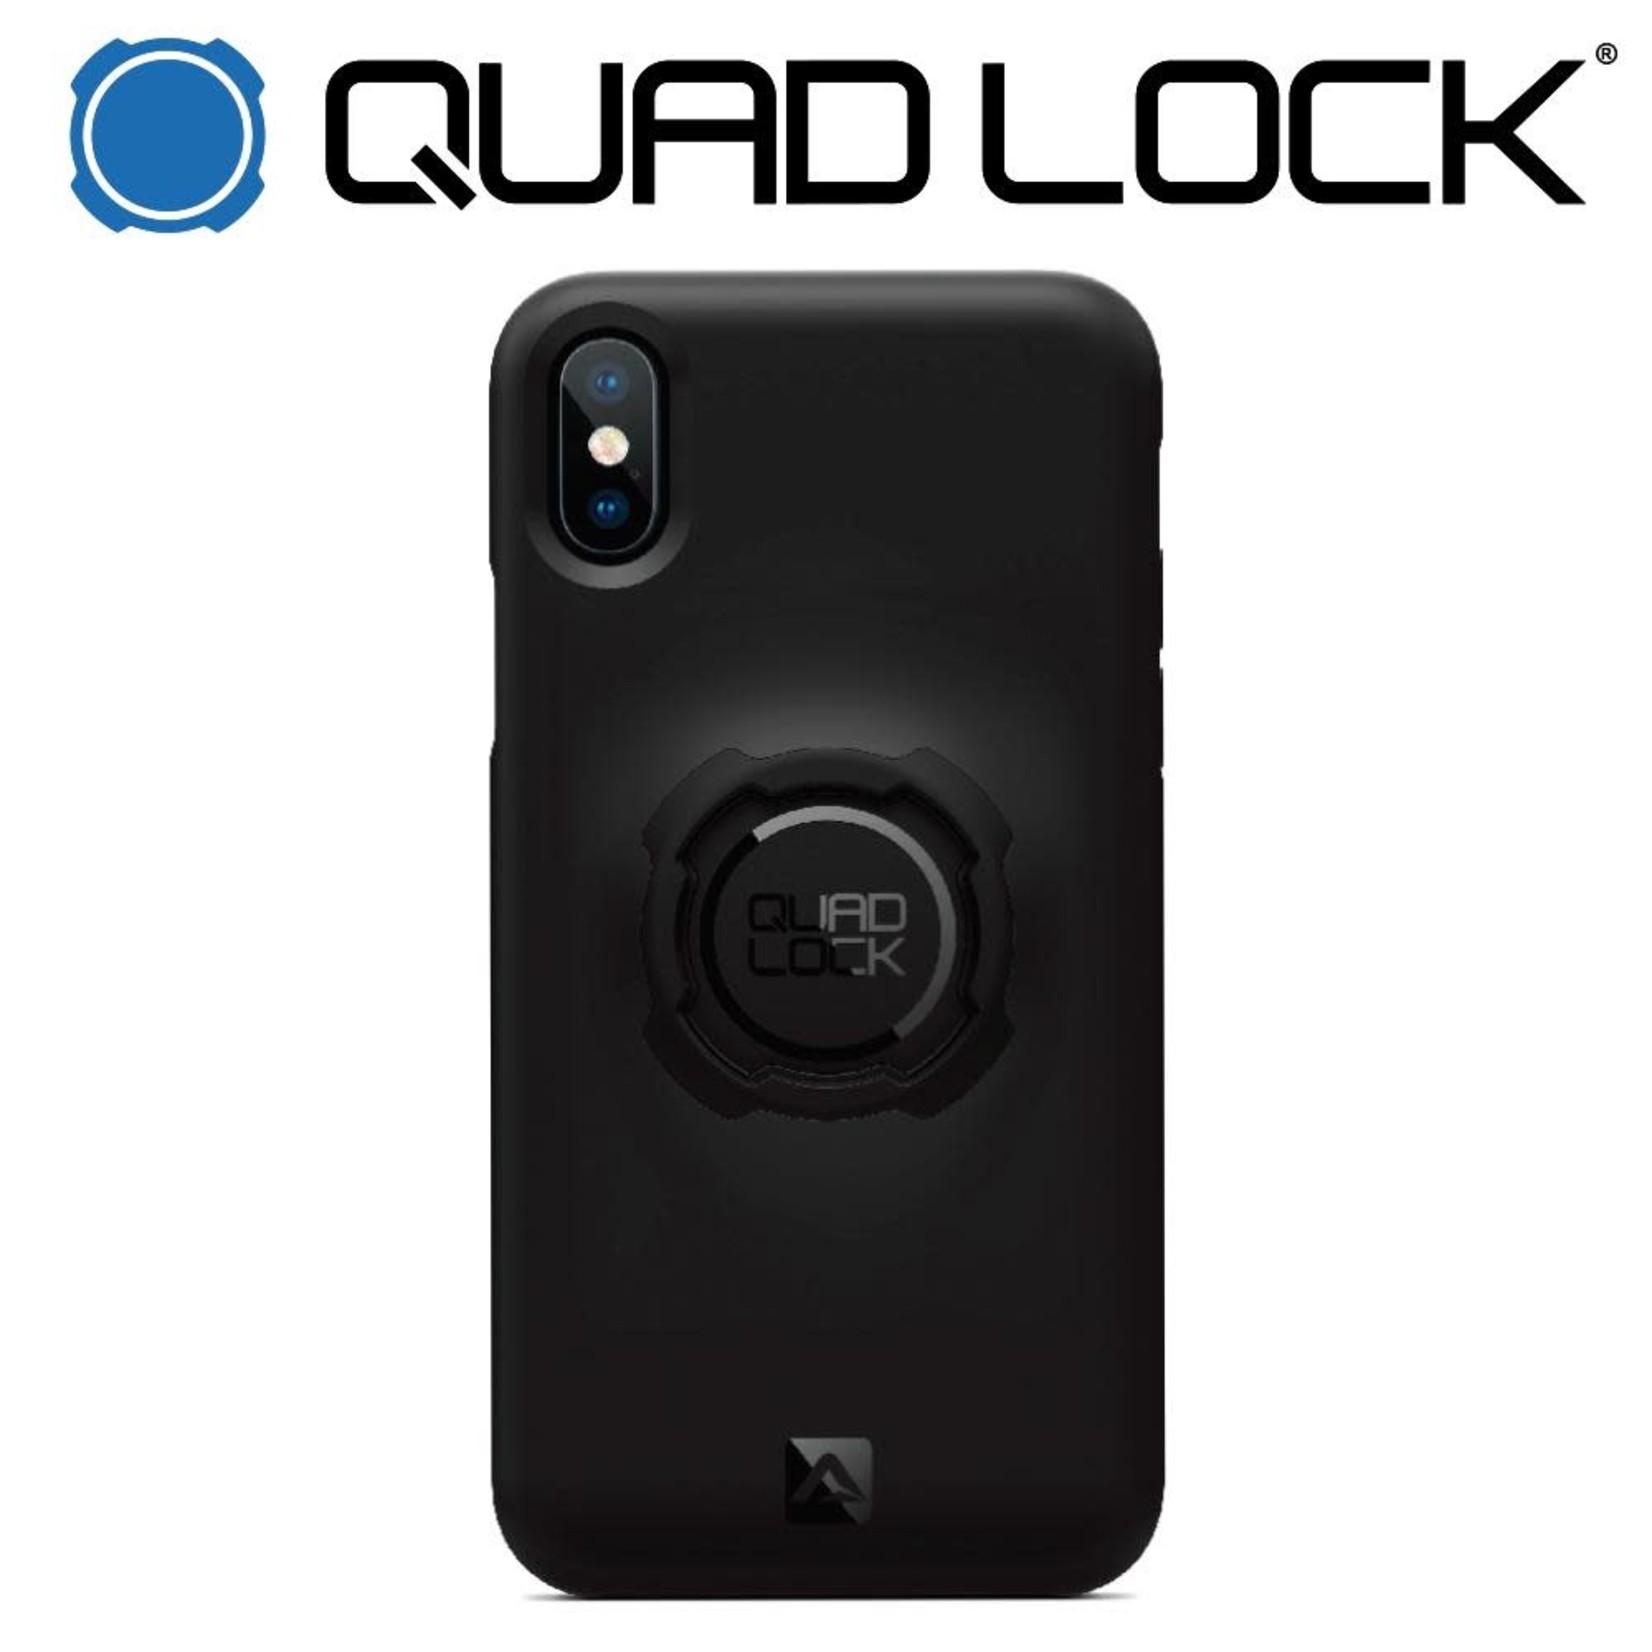 Quad Lock Iphone 11 X-XS Case